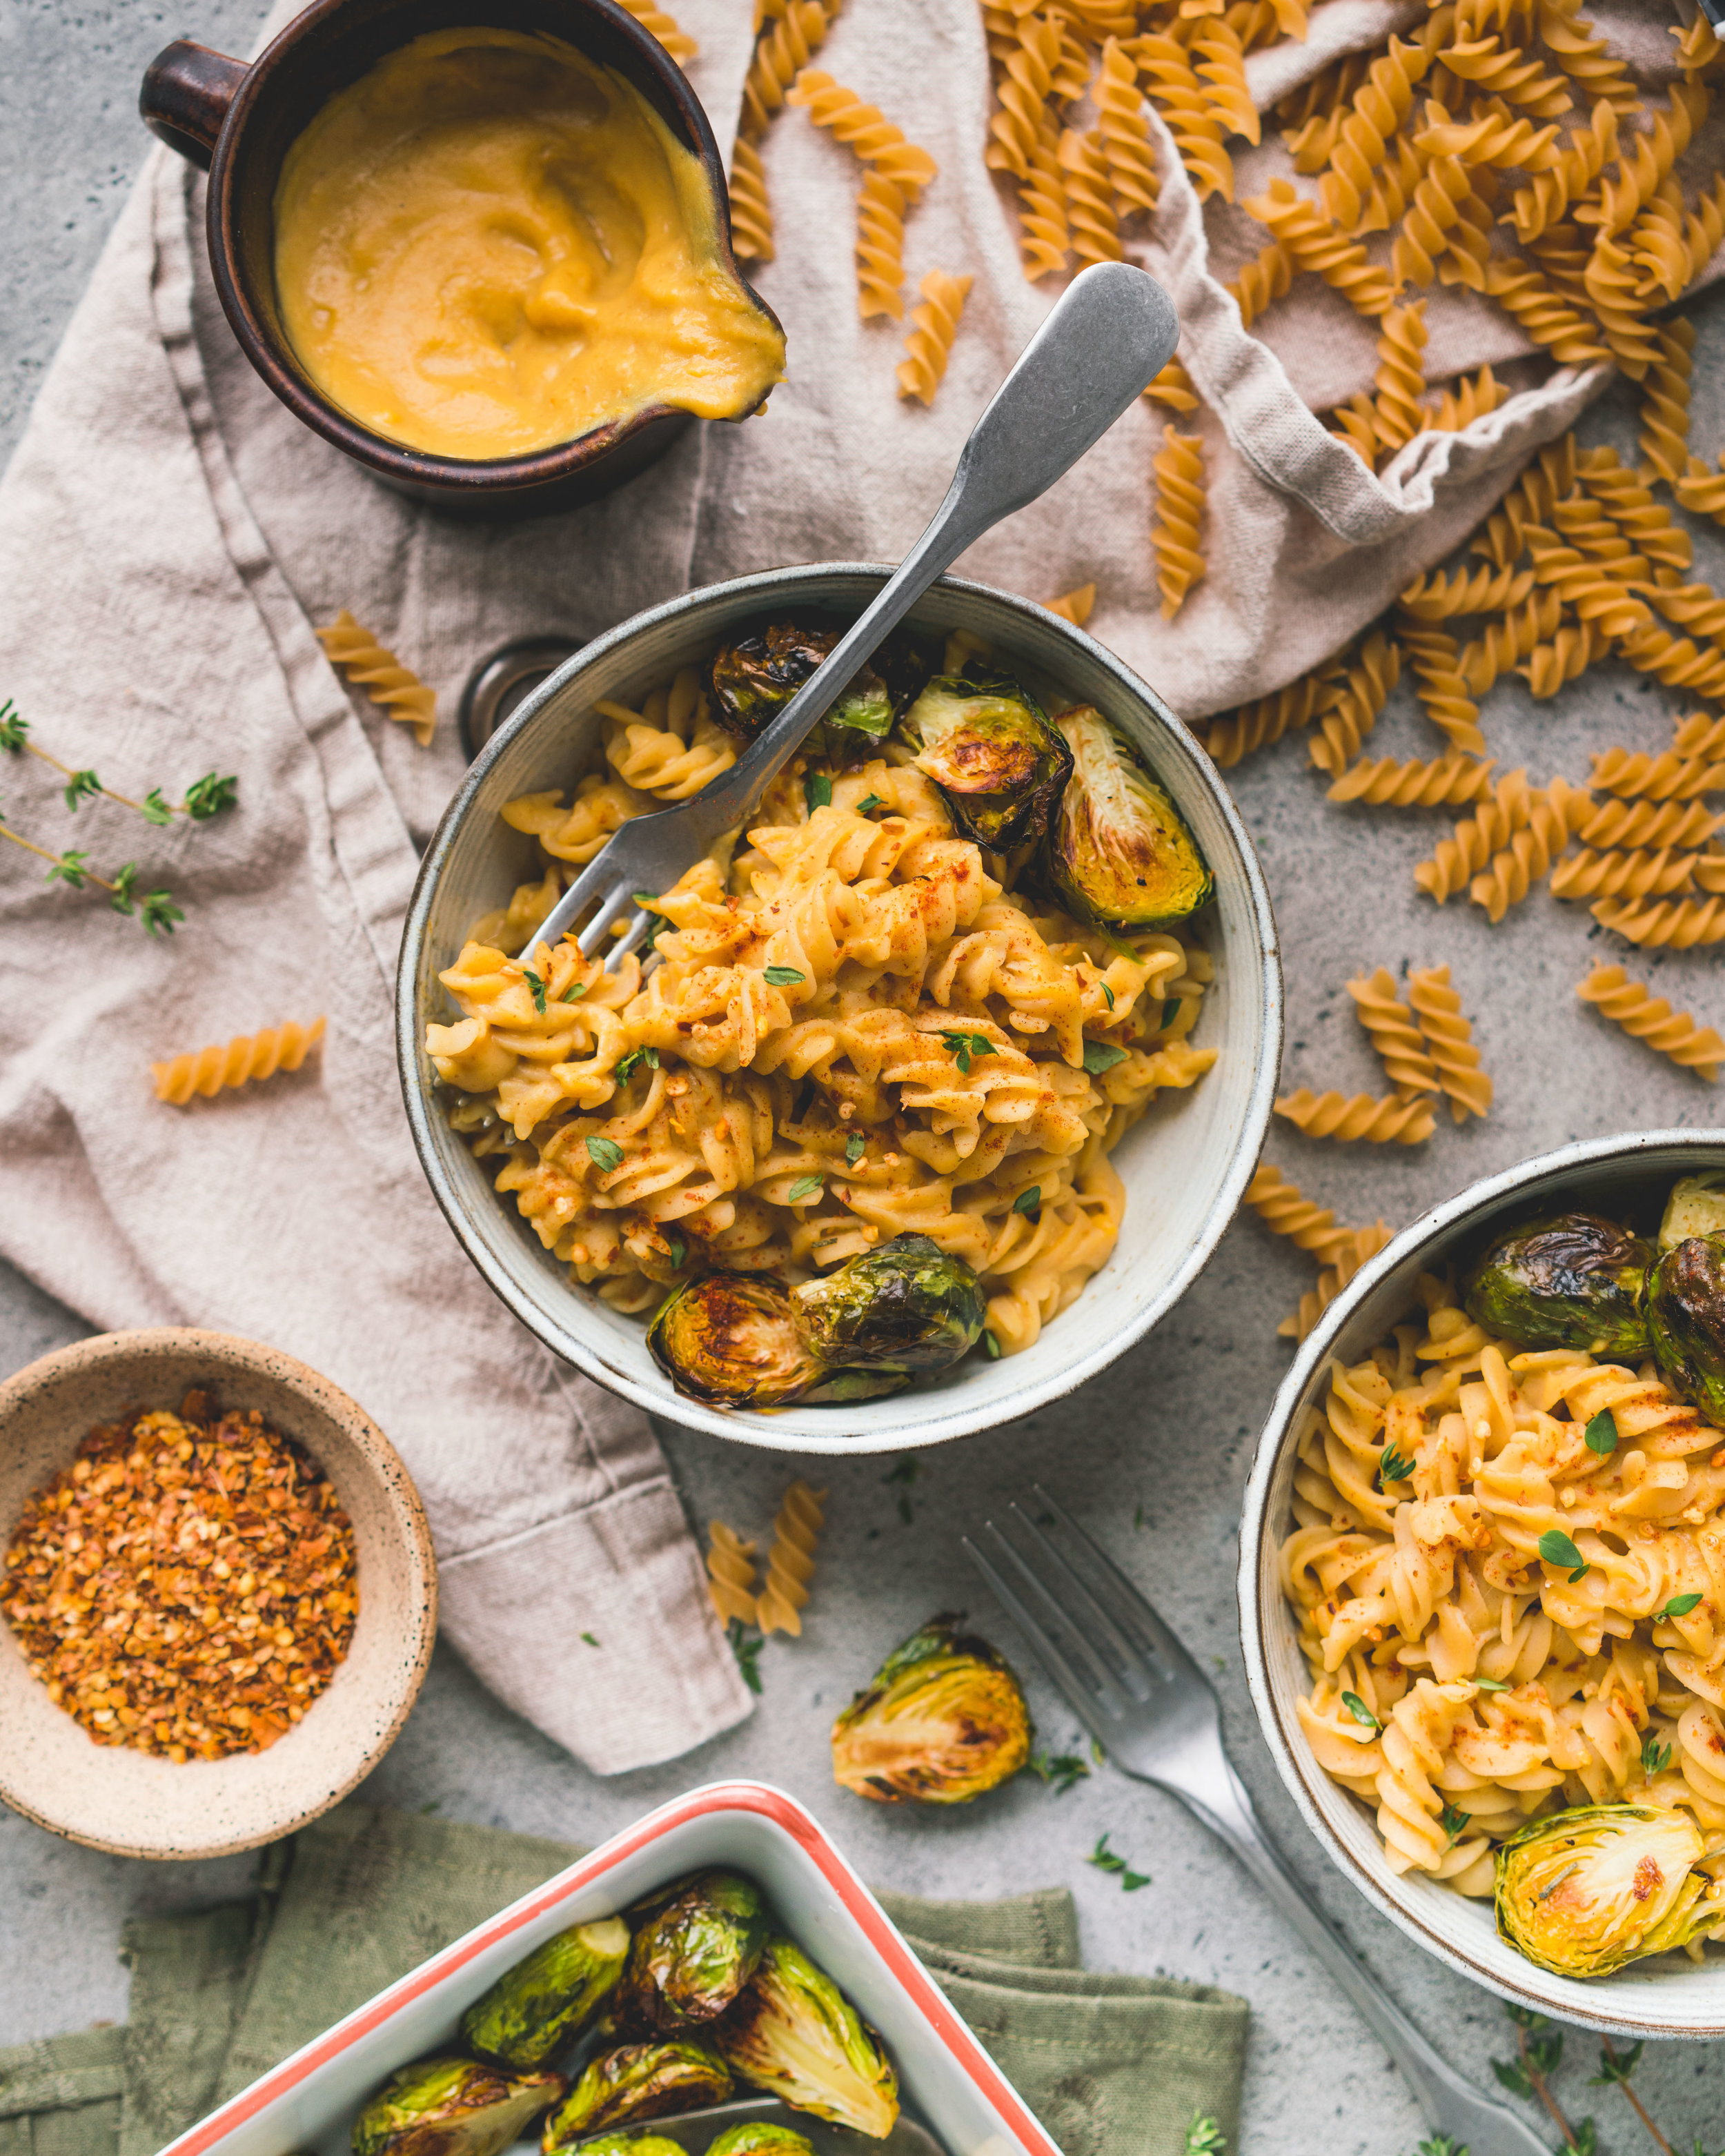 Mac'n cheese aux légumes & lentilles rouges - la sauce permet de faire 4 à 6 portions